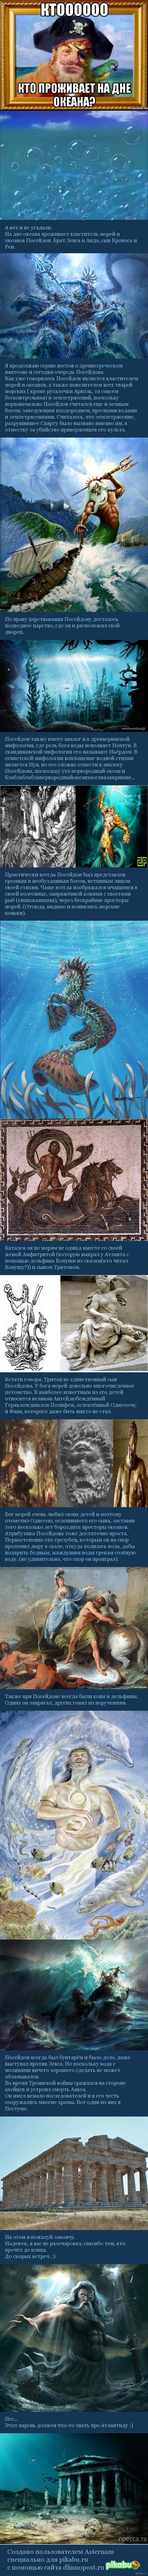 Посейдон. Я продолжаю серию постов о древнегреческой мифологии.